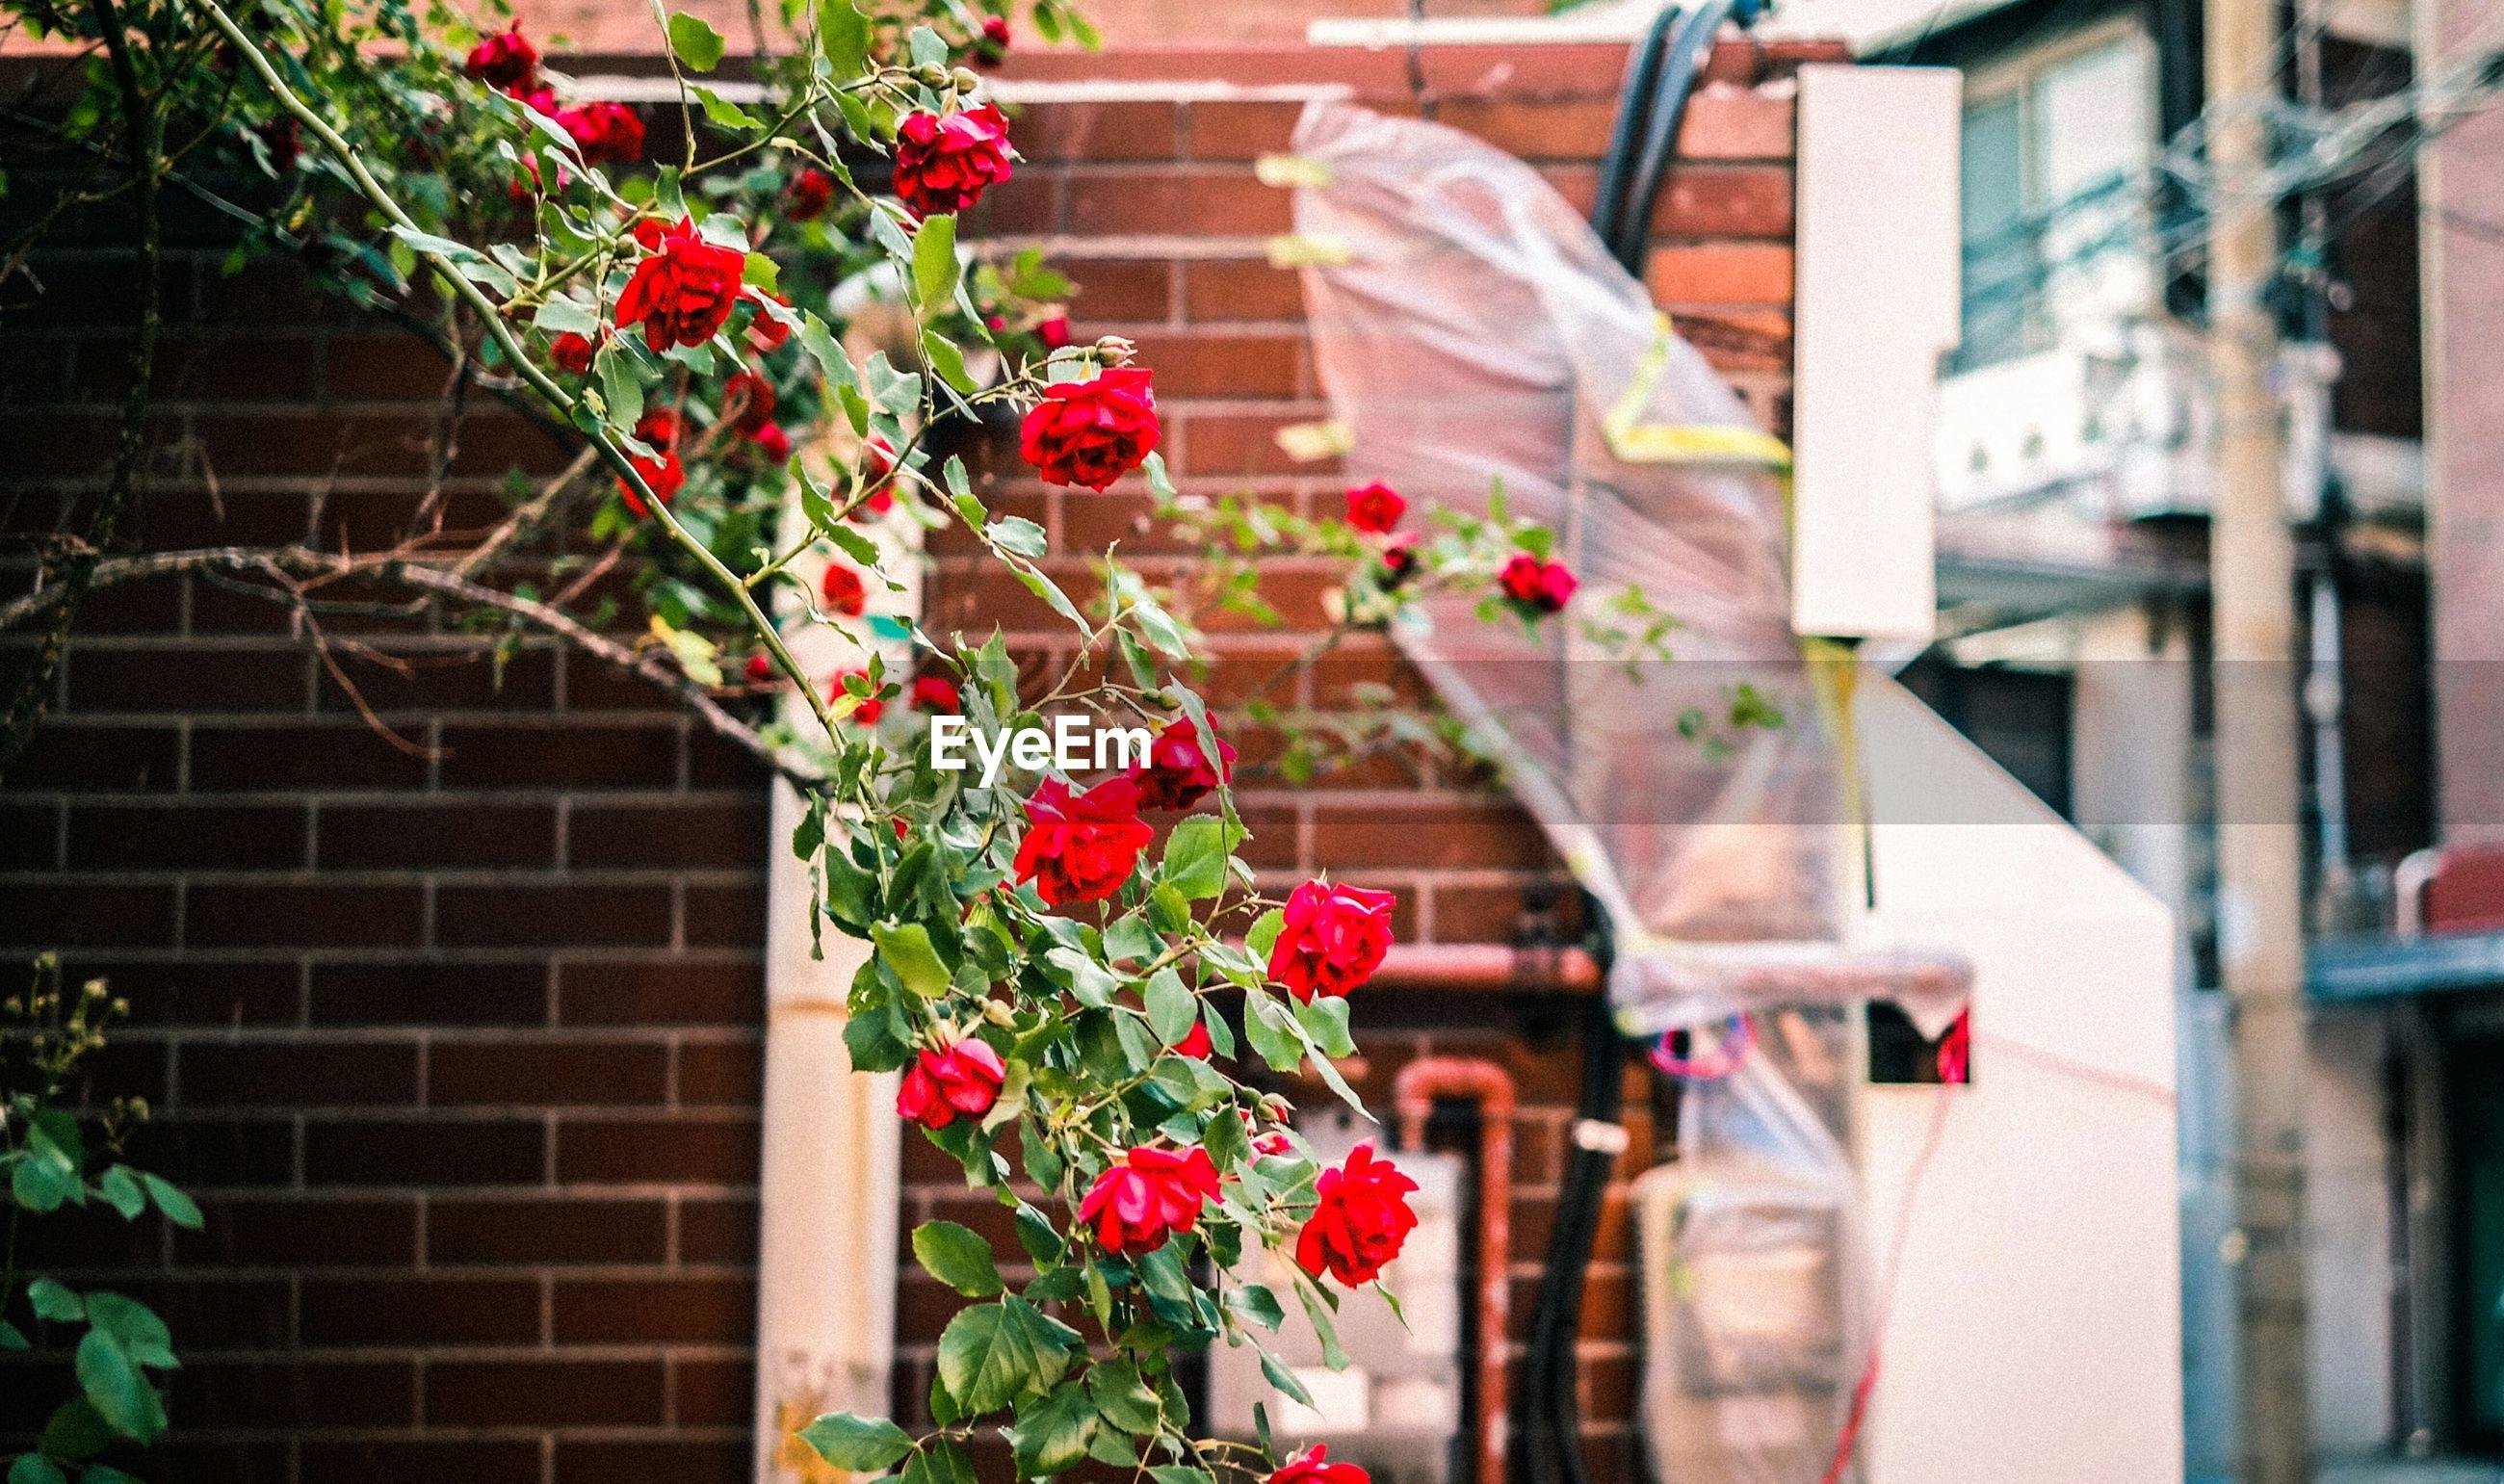 Rose bush in city